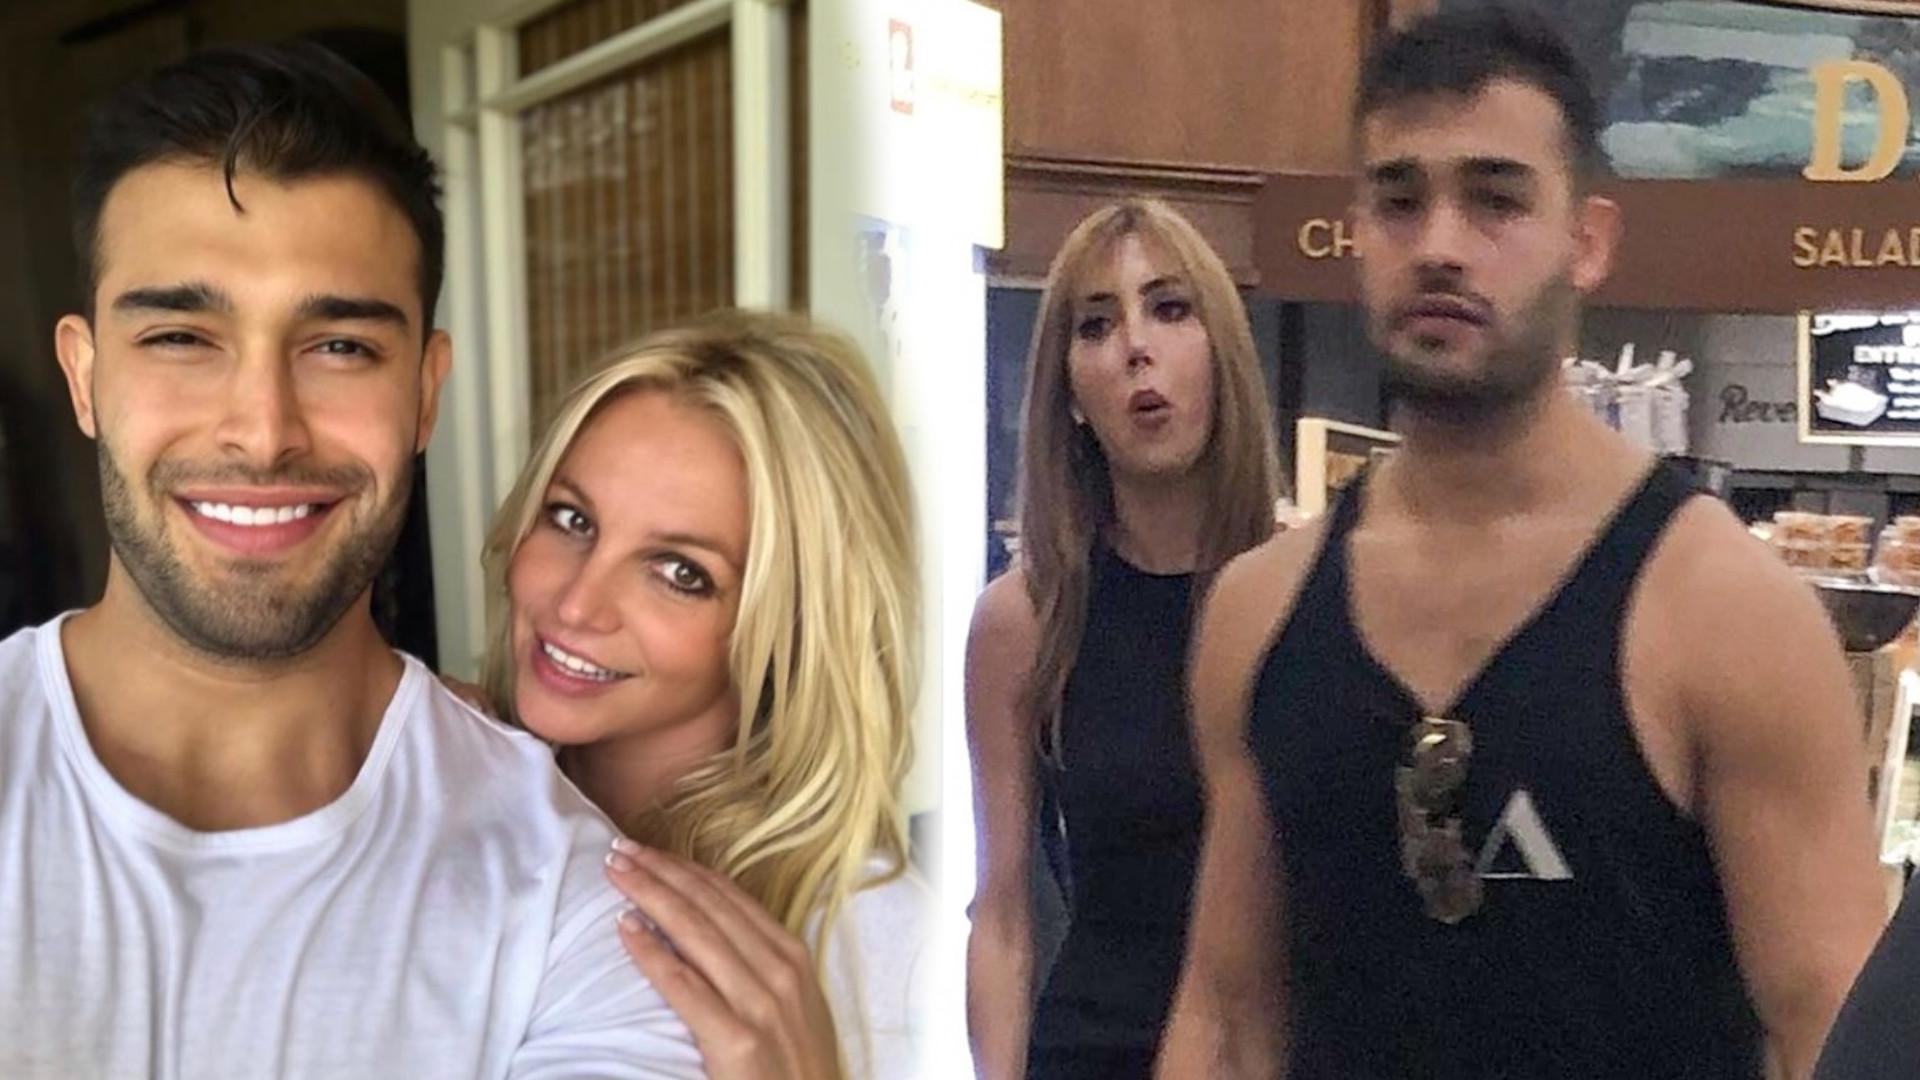 Chłopak Britney Spears przyłapany z inną kobietą. Mamy zdjęcia! Wiemy kim jest